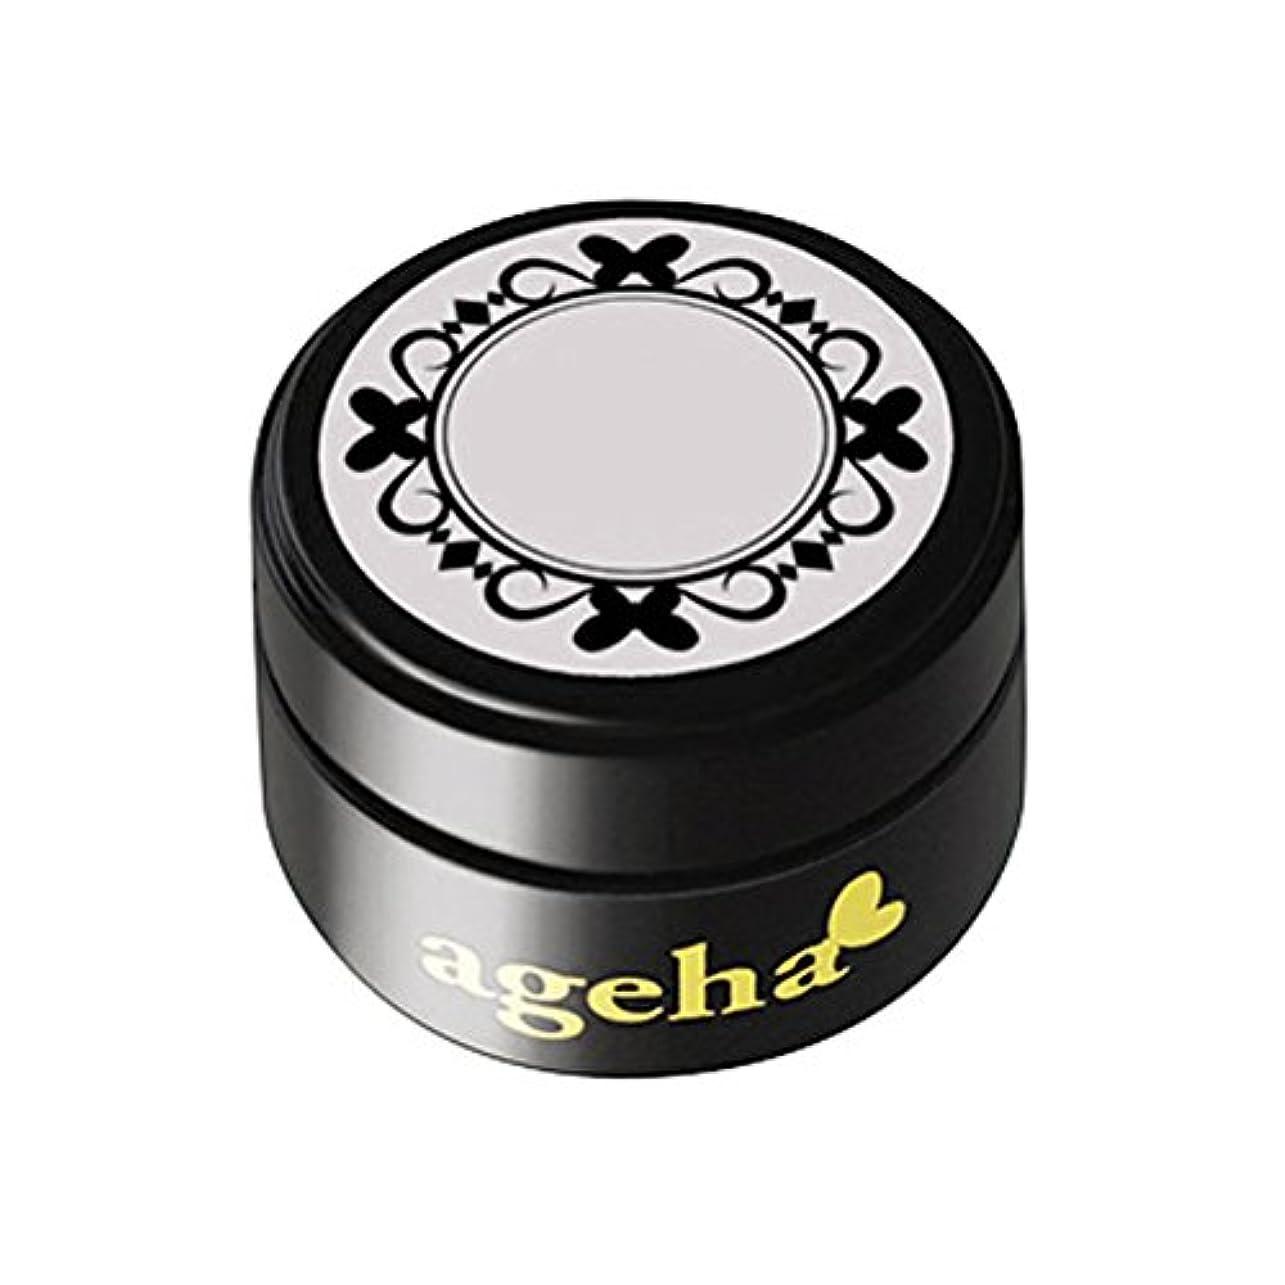 学習写真を撮るログageha gel カラージェル コスメカラー 205 ダークレッド 2.7g UV/LED対応